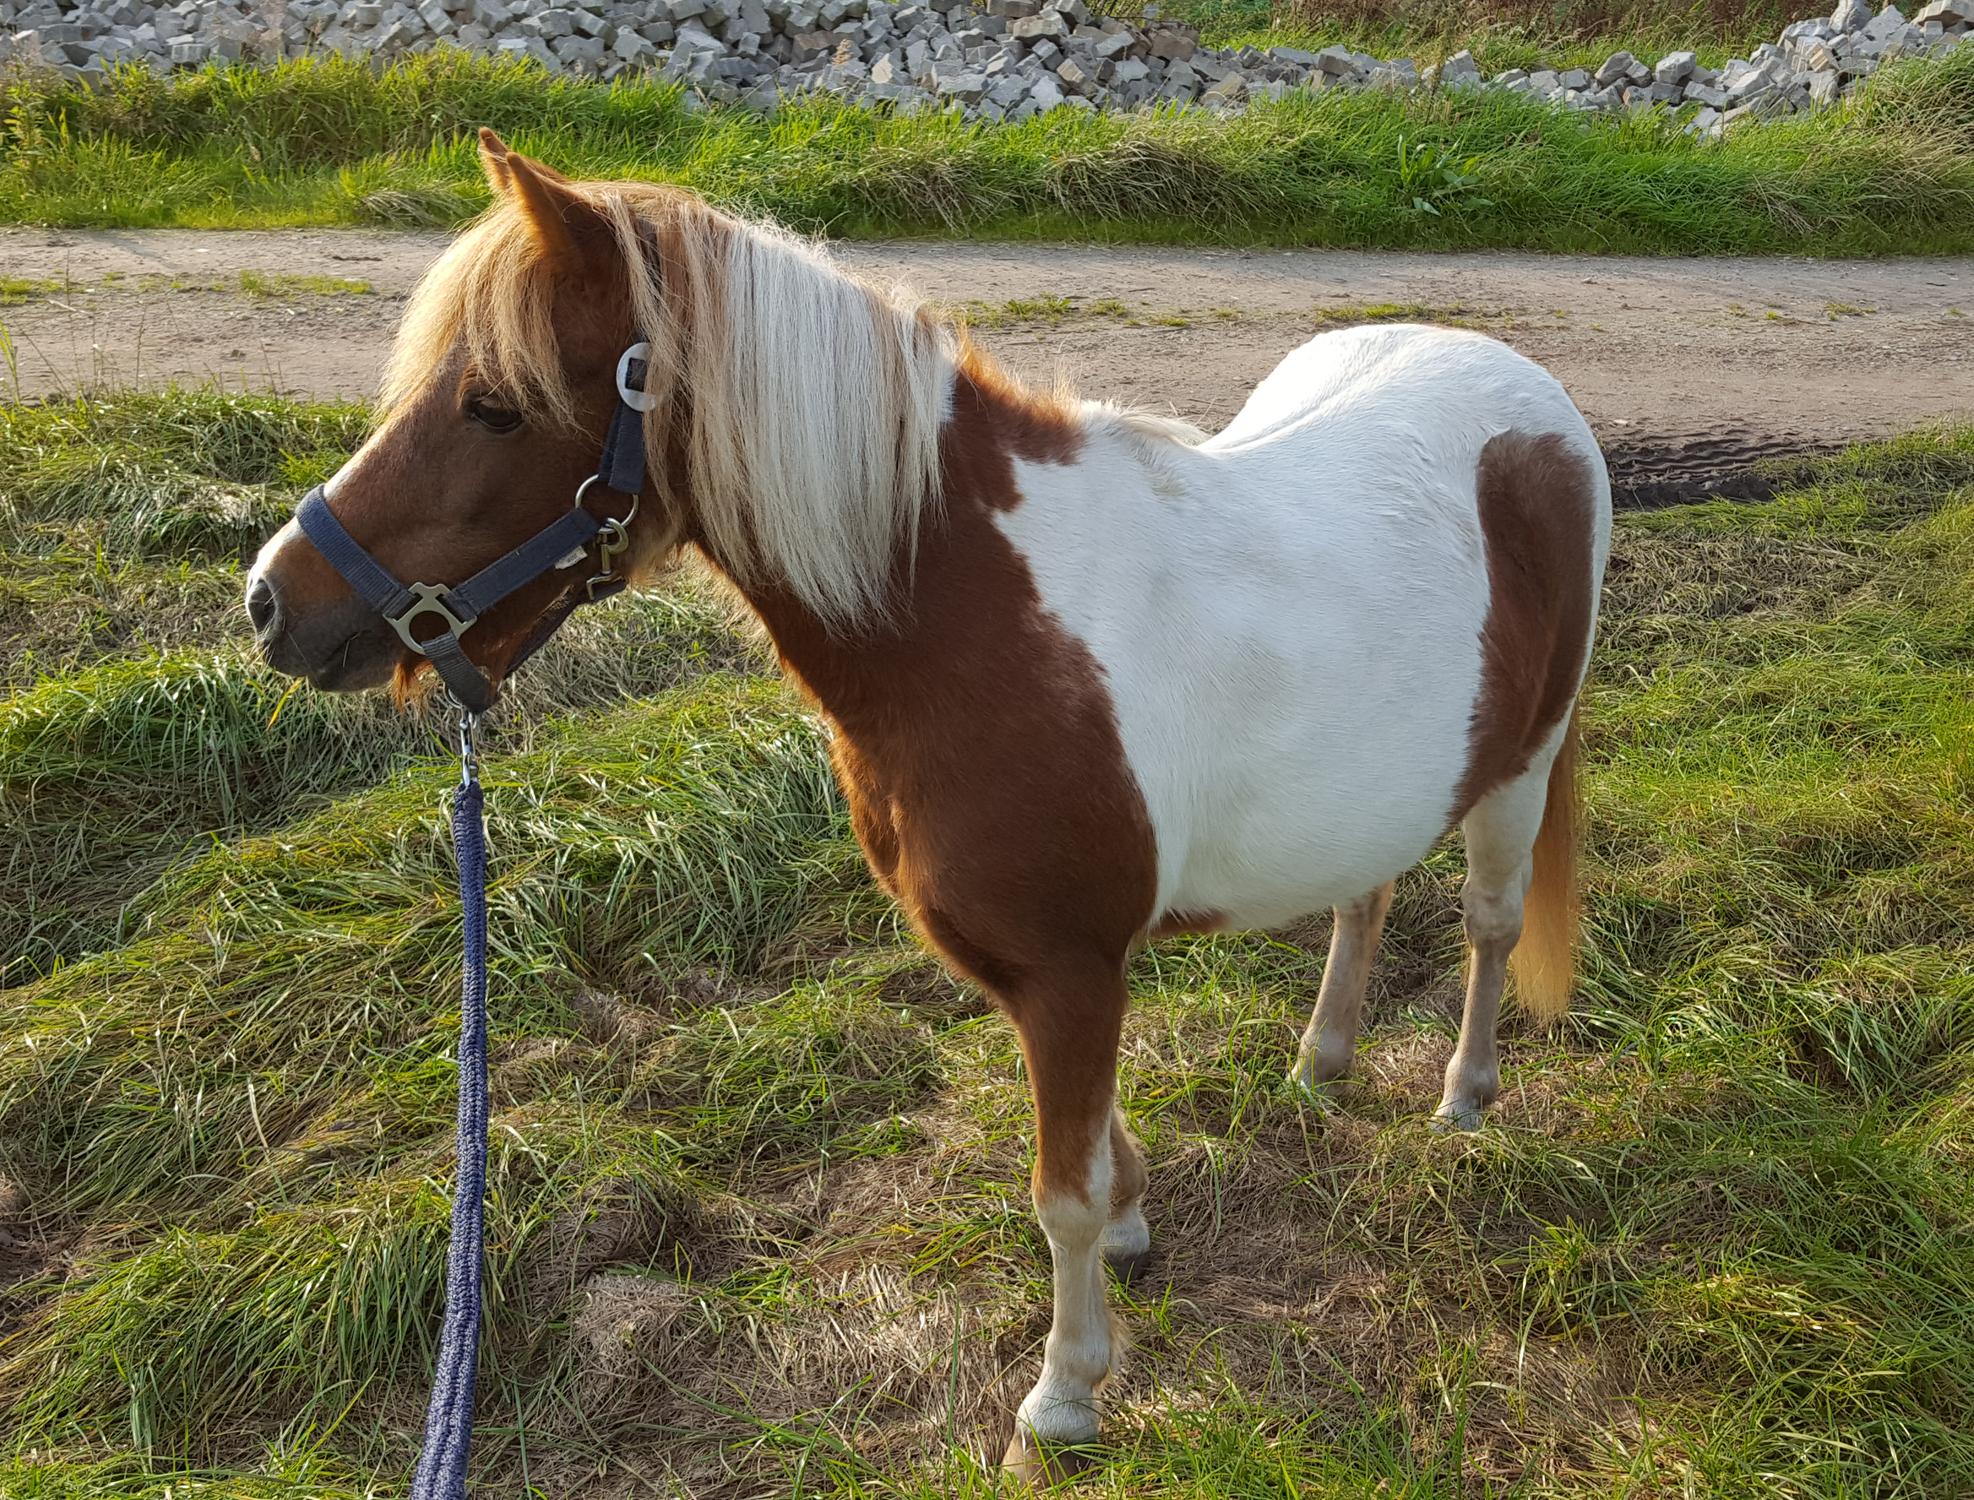 2017 zog Ponystute Daisy ein